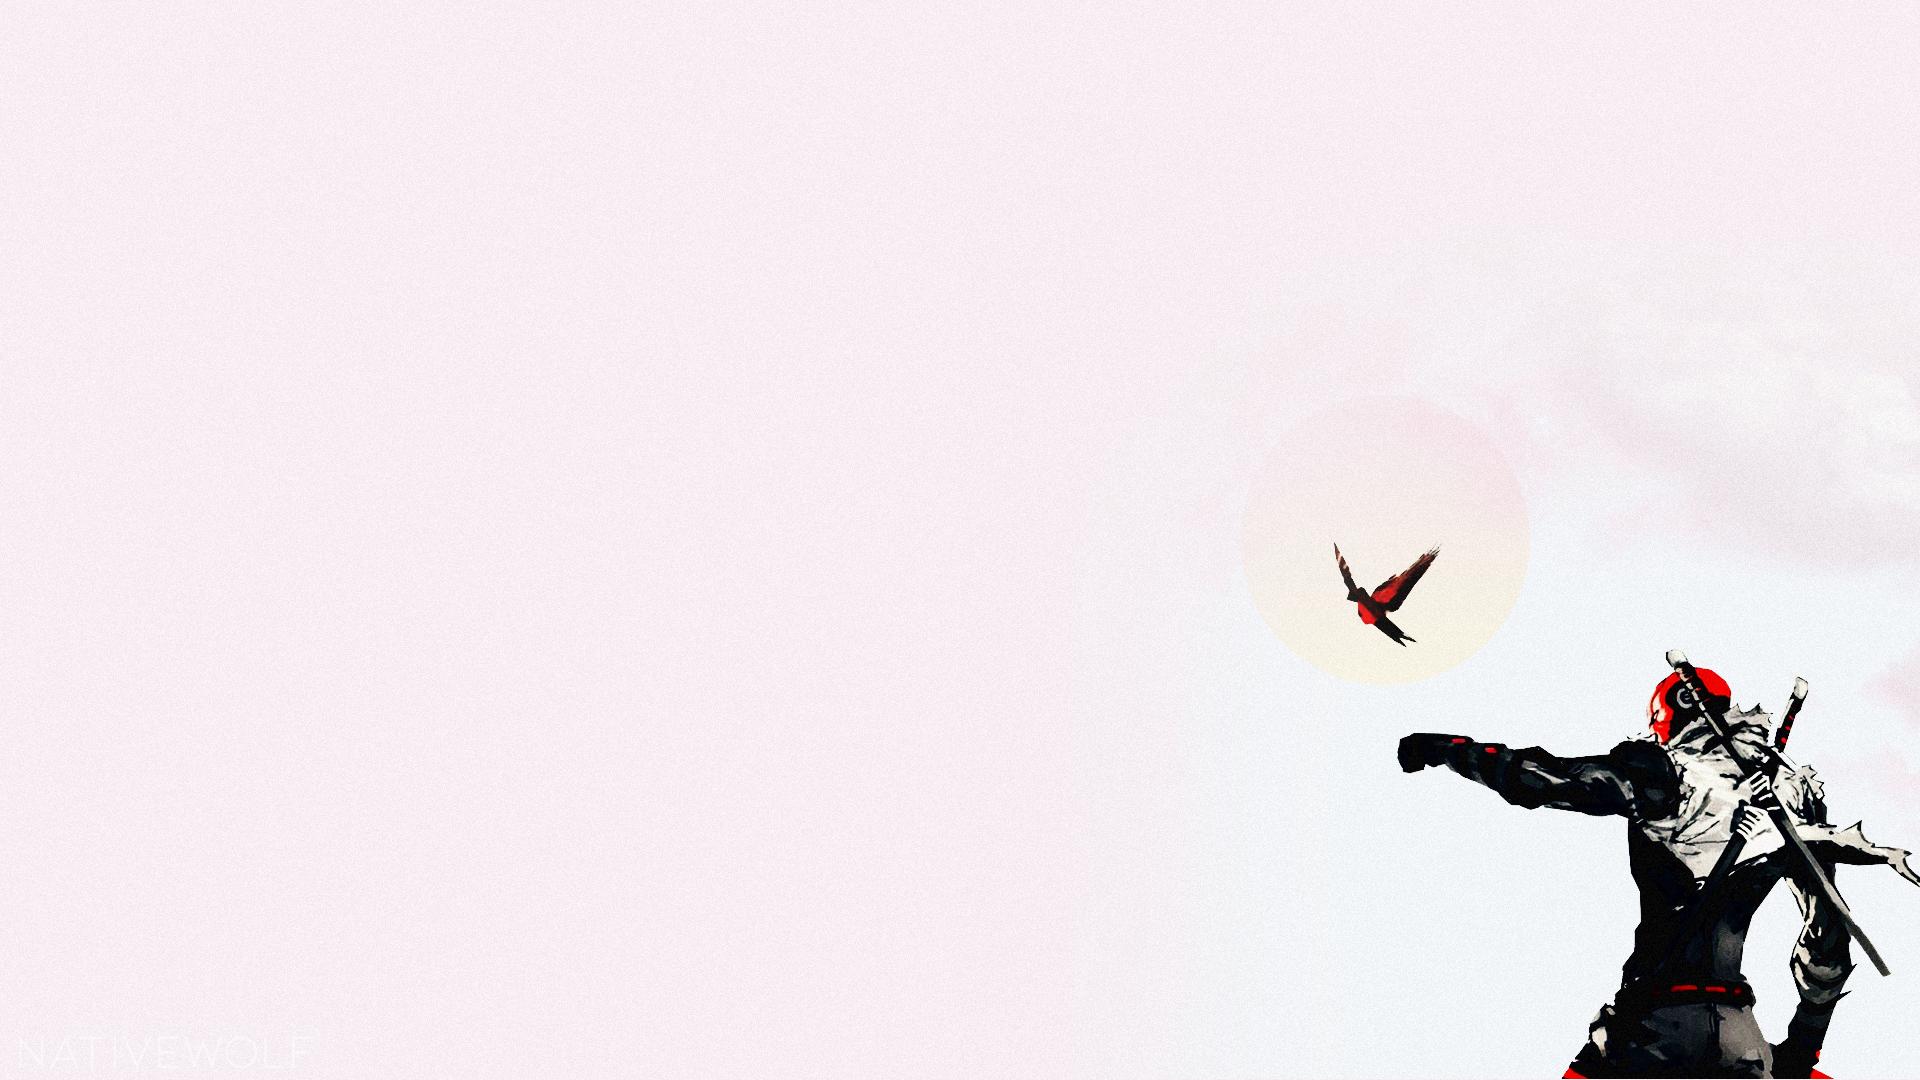 Sfondi Cappello Rosso Uccelli Robins La Pittura Backgound